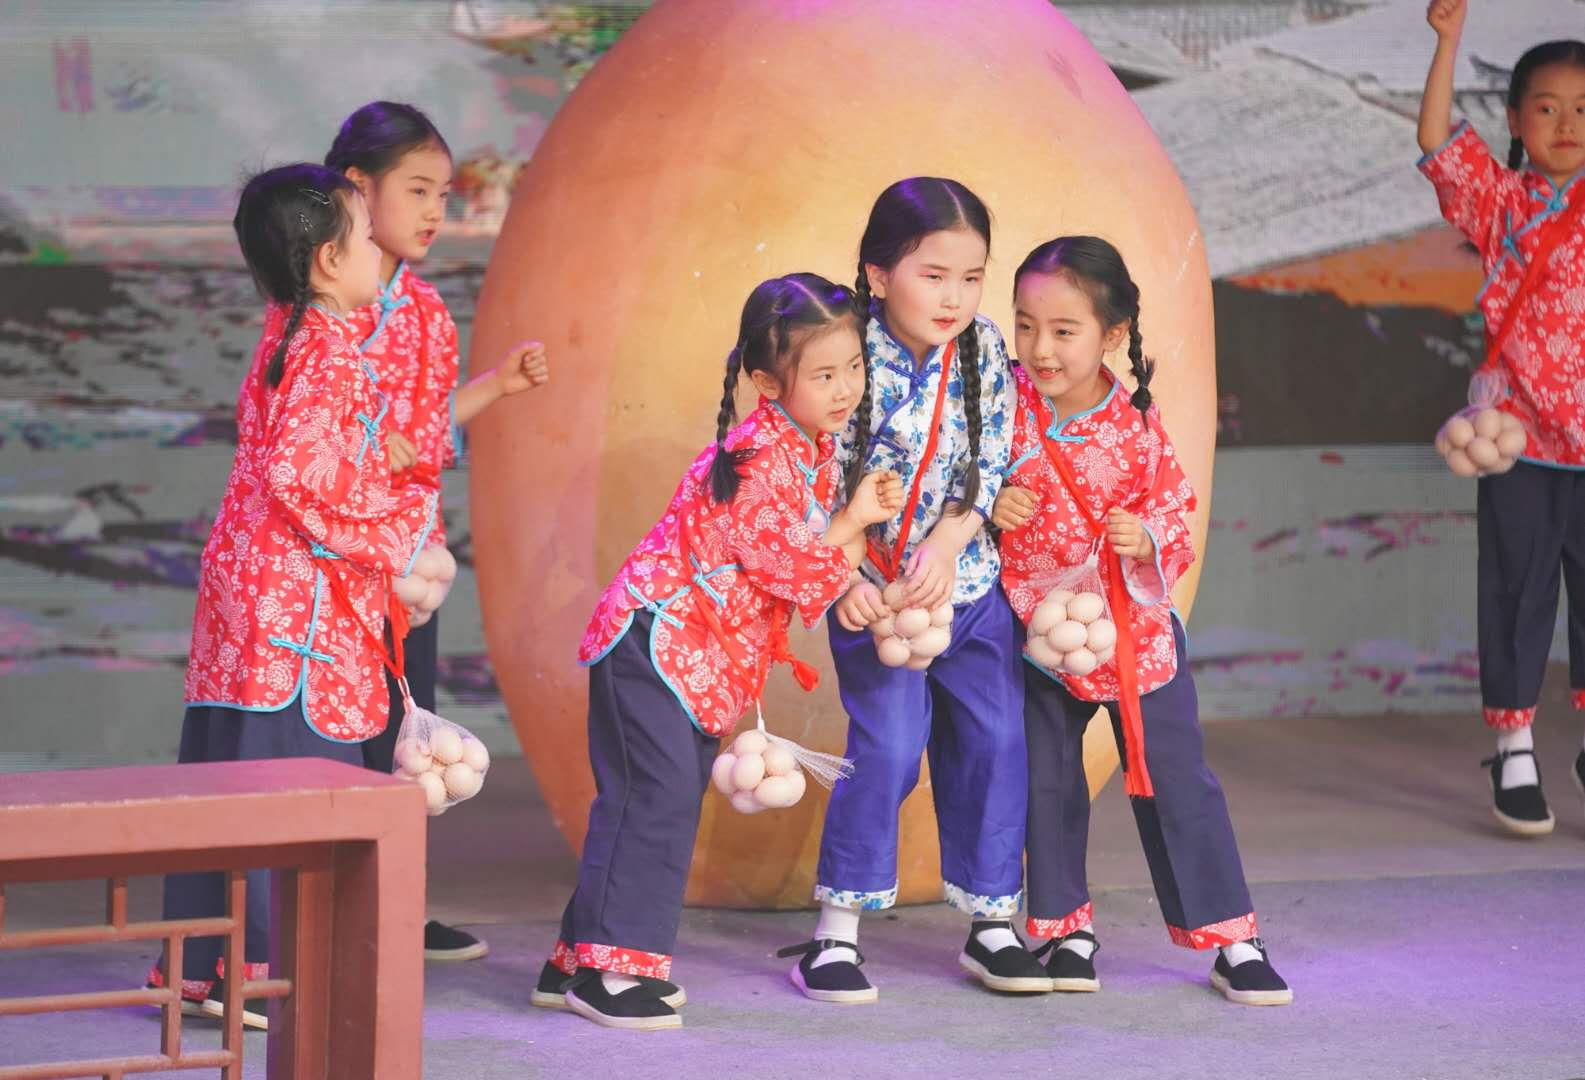 斗蛋、称人……北京民俗博物馆举办民俗文化展示喜迎立夏